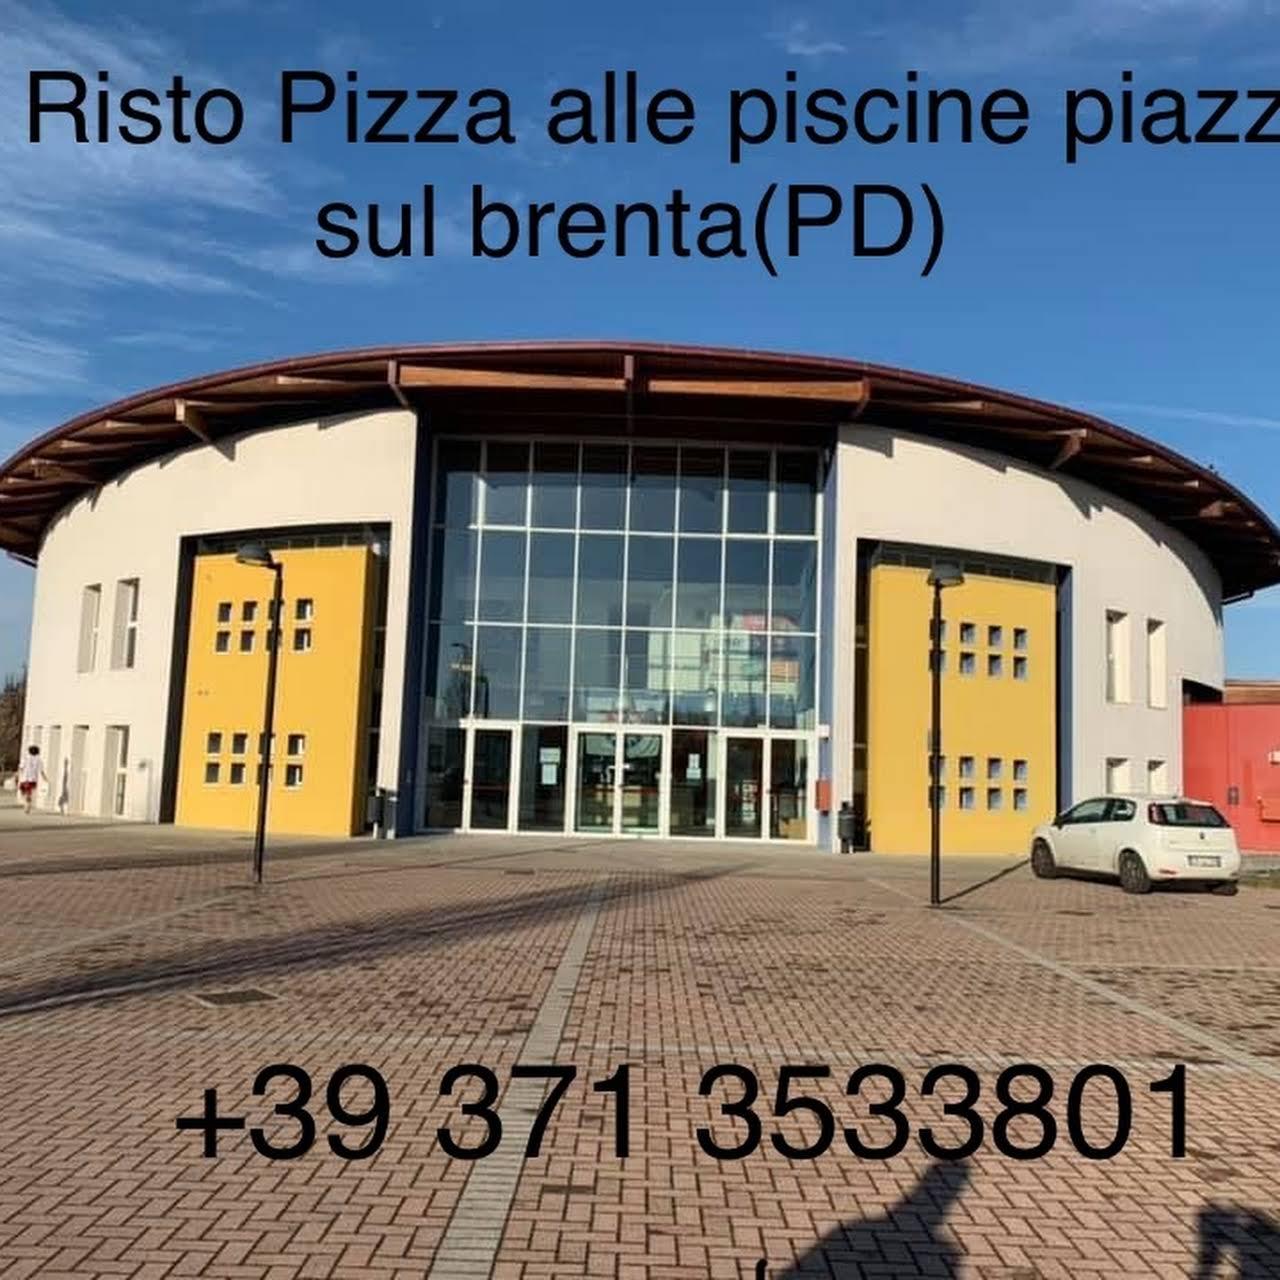 Piscina Piazzola Sul Brenta pizzeria-ristorante alle piscine - ristorante a piazzola sul